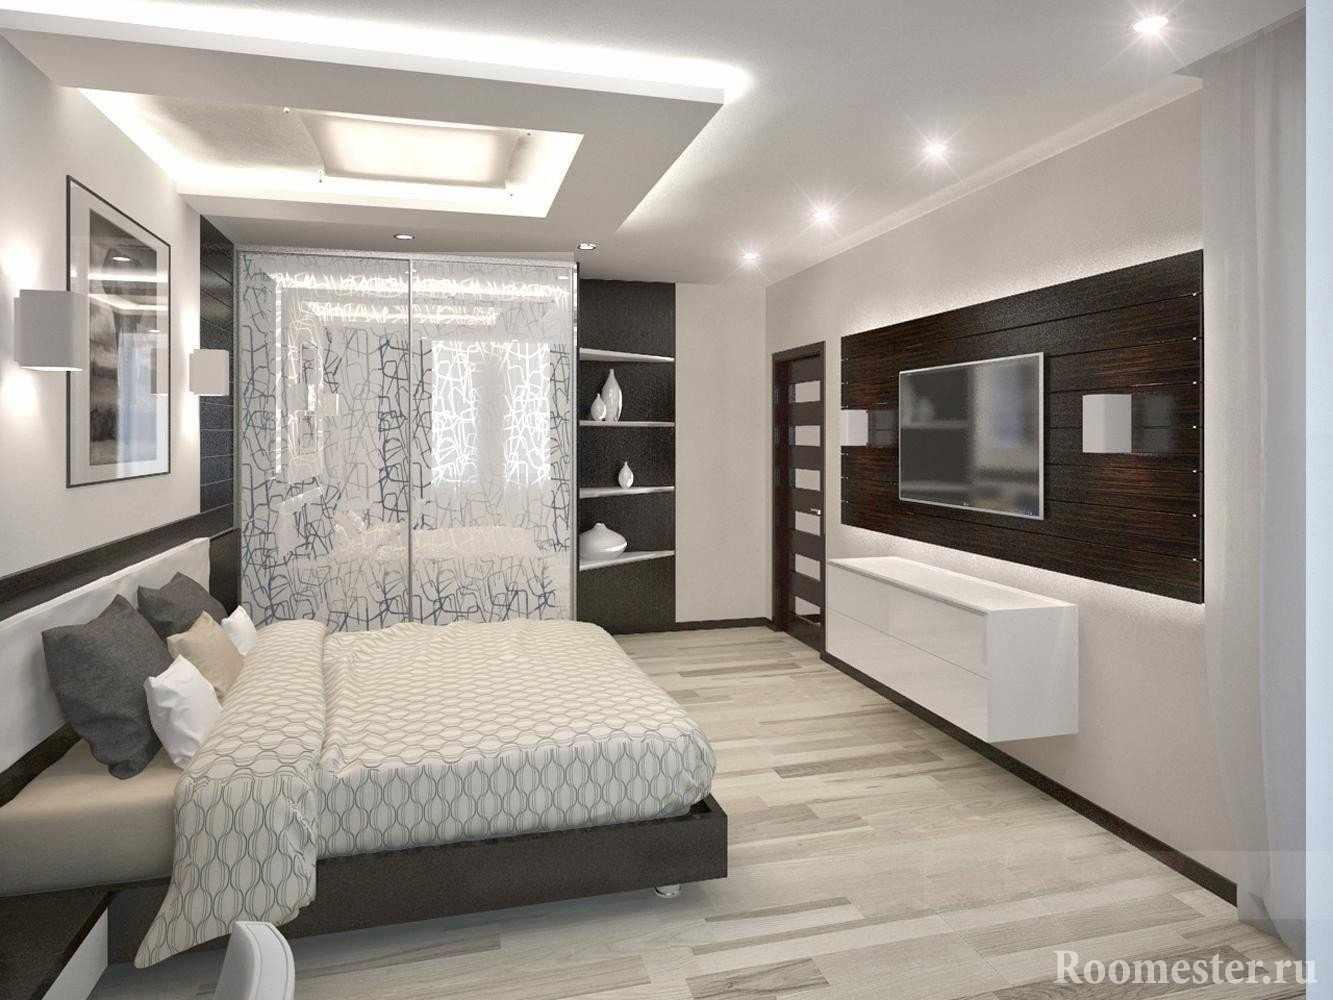 Спальня с подсветкой